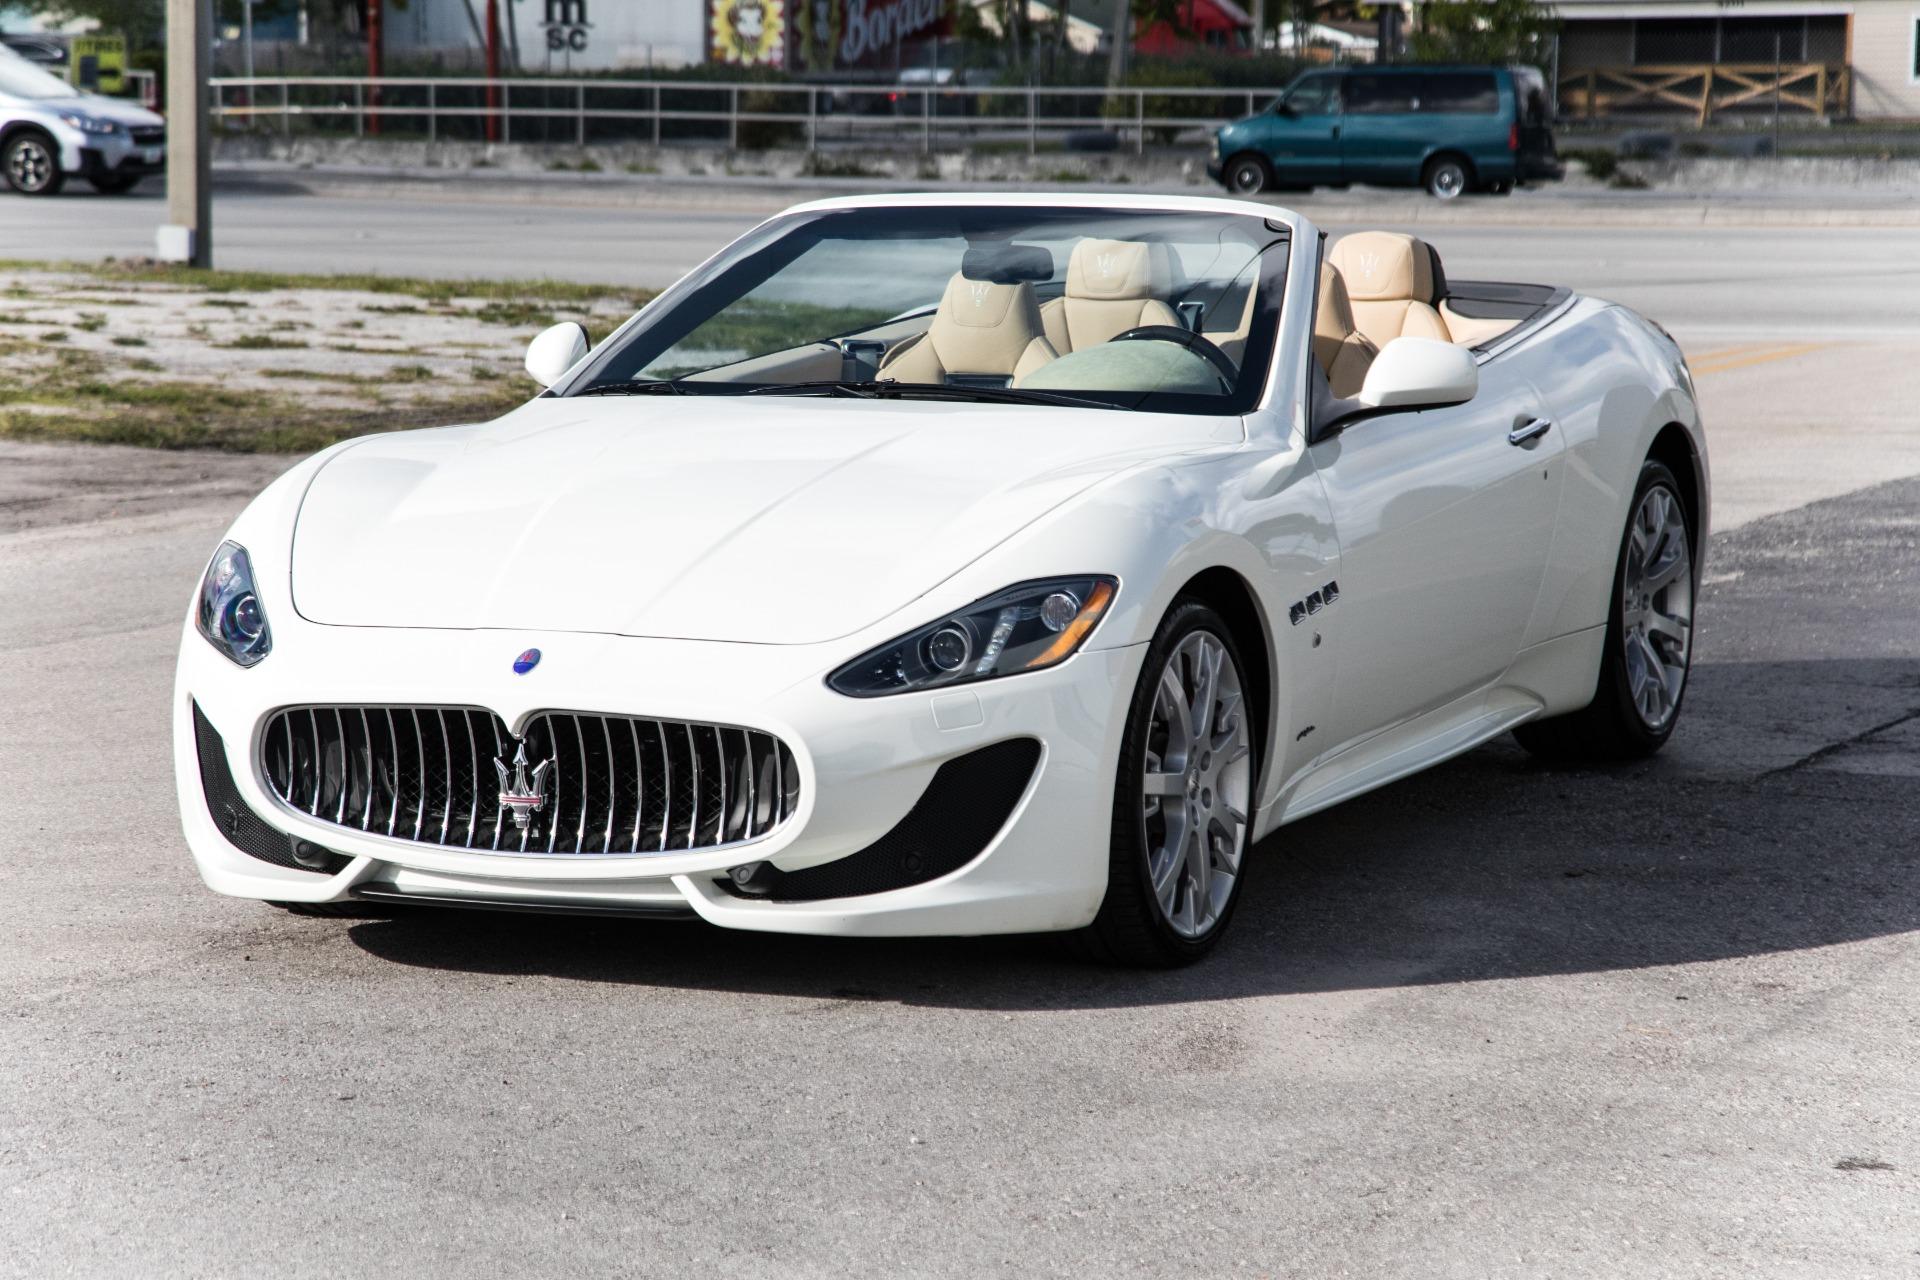 Used-2017-Maserati-GranTurismo-Convertible